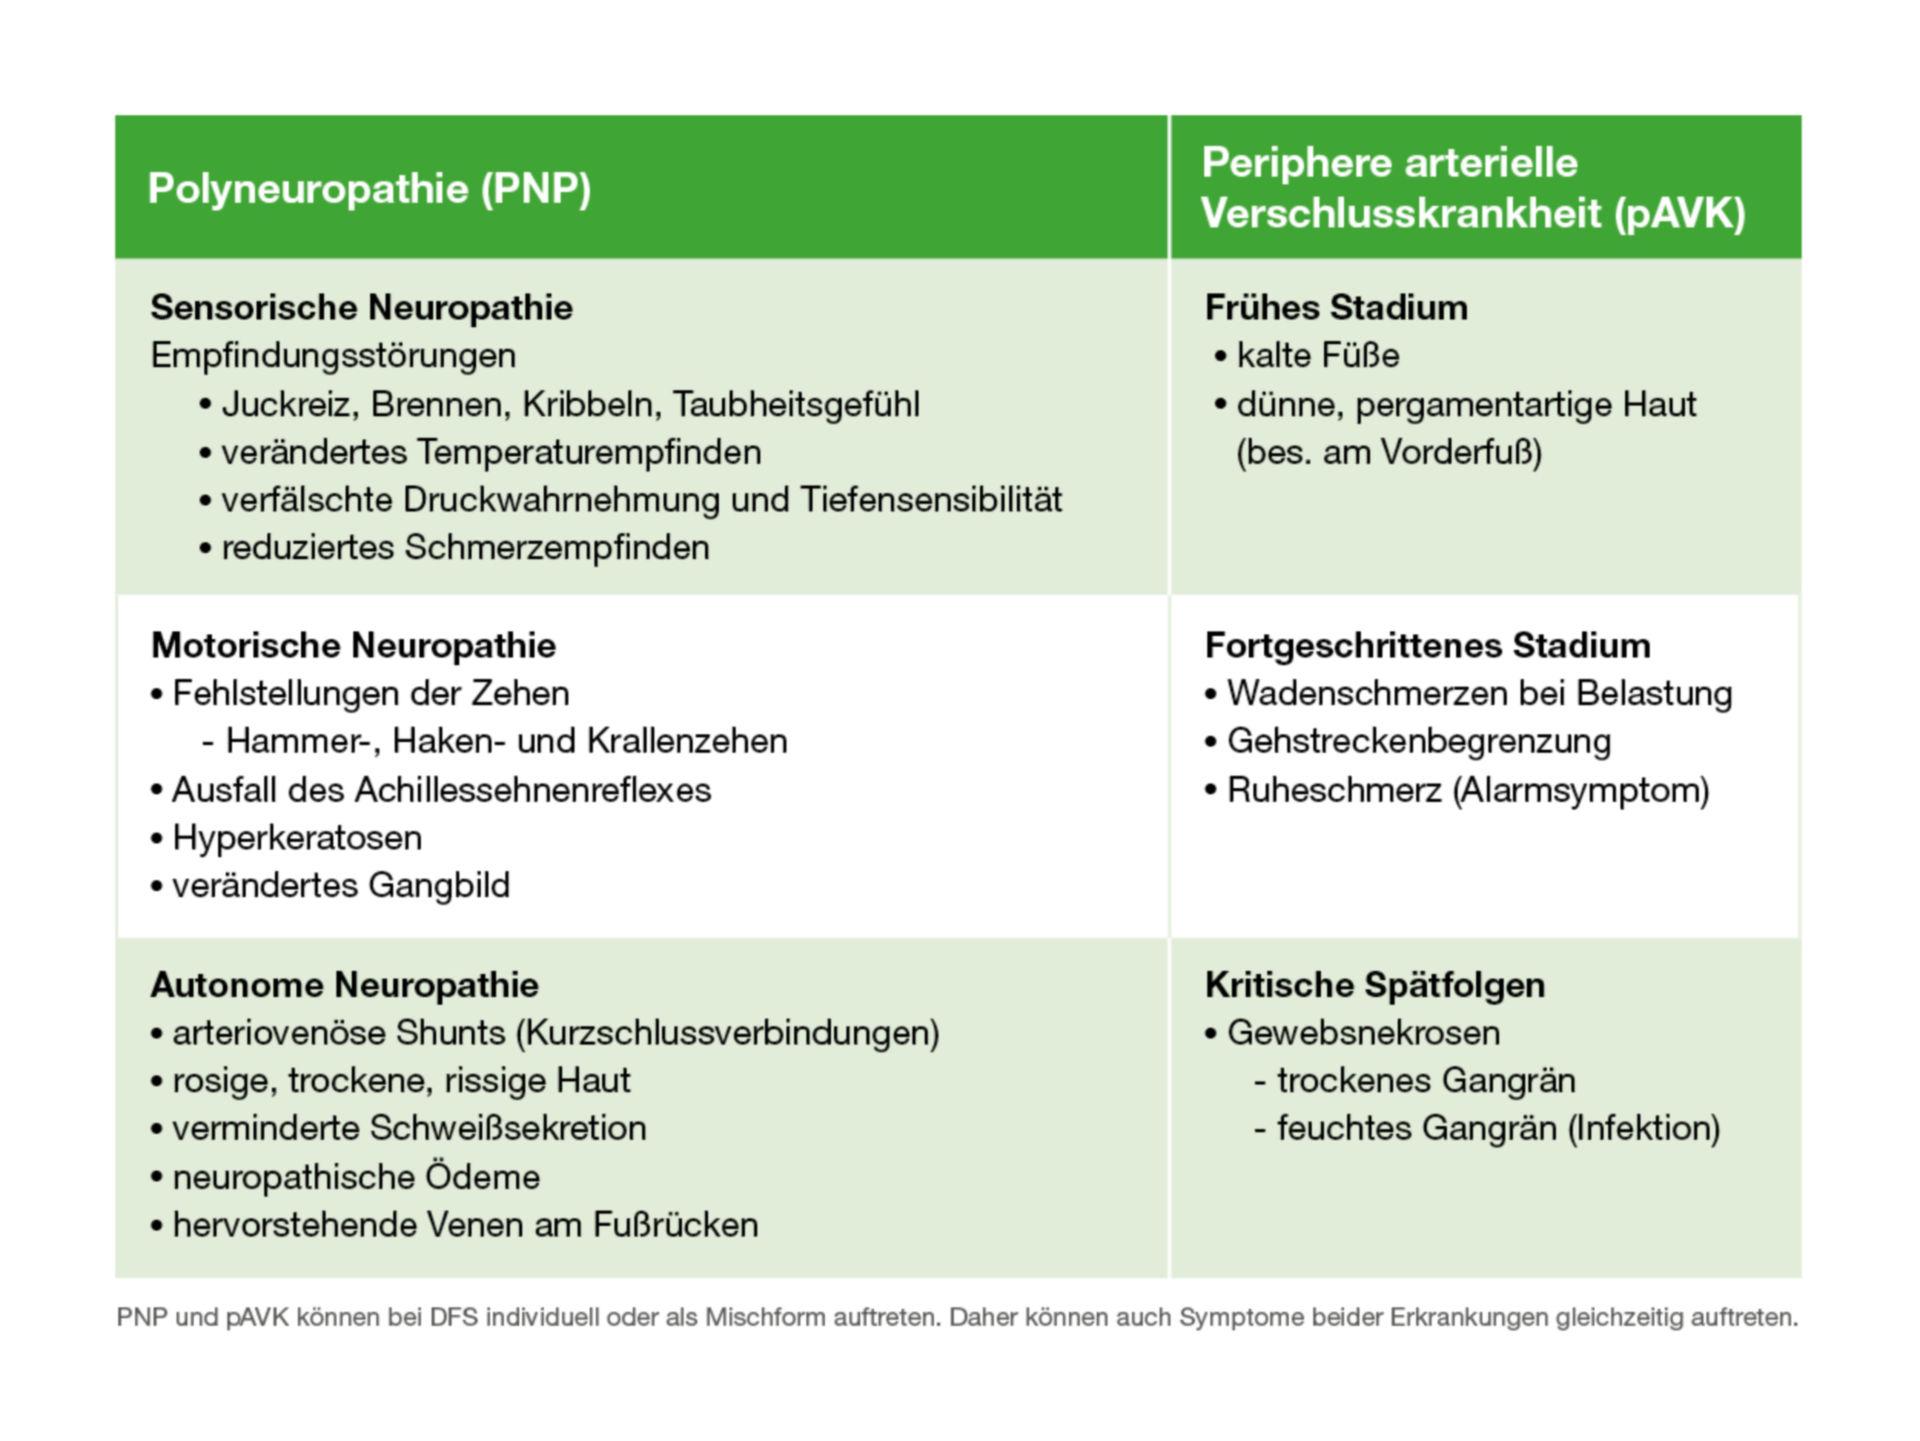 DFS: Symptome der PNP und pAVK auf einen Blick